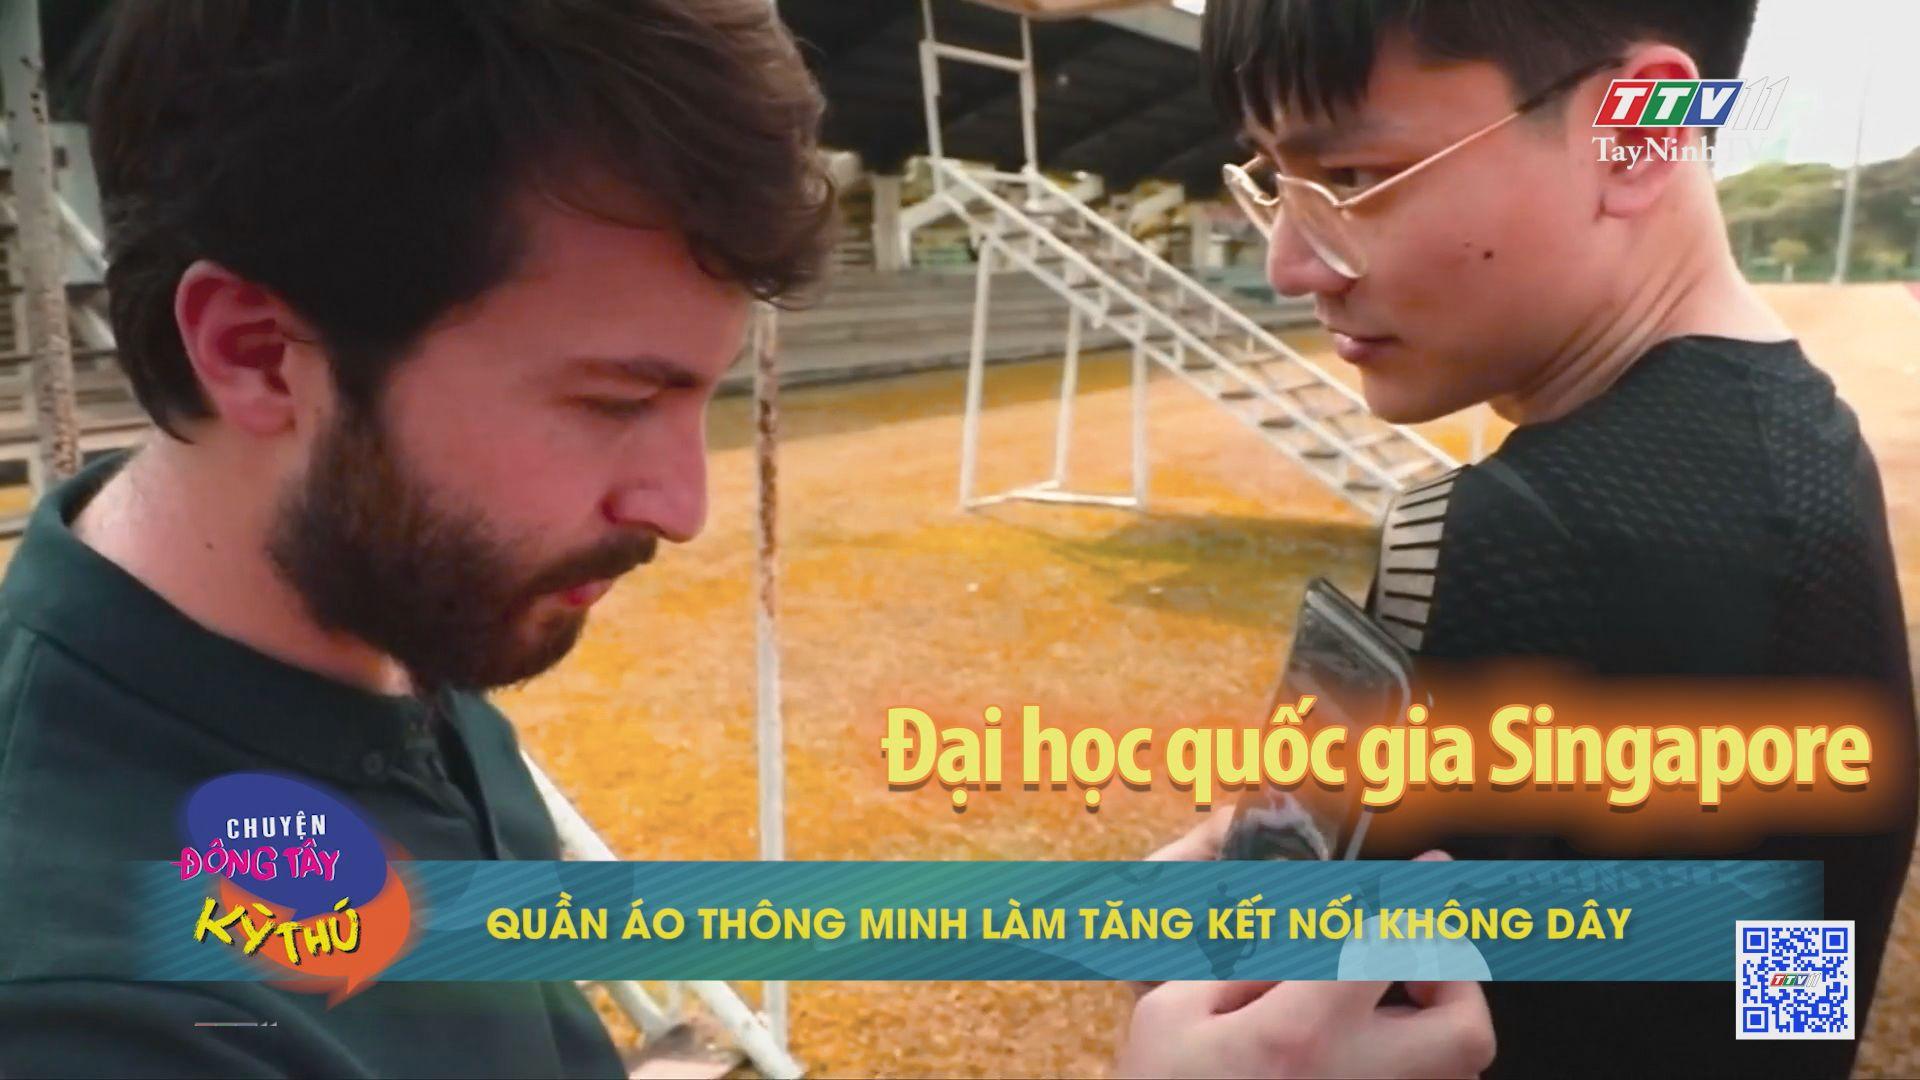 Quần áo thông minh làm tăng kết nối không dây | CHUYỆN ĐÔNG TÂY KỲ THÚ | TayNinhTV